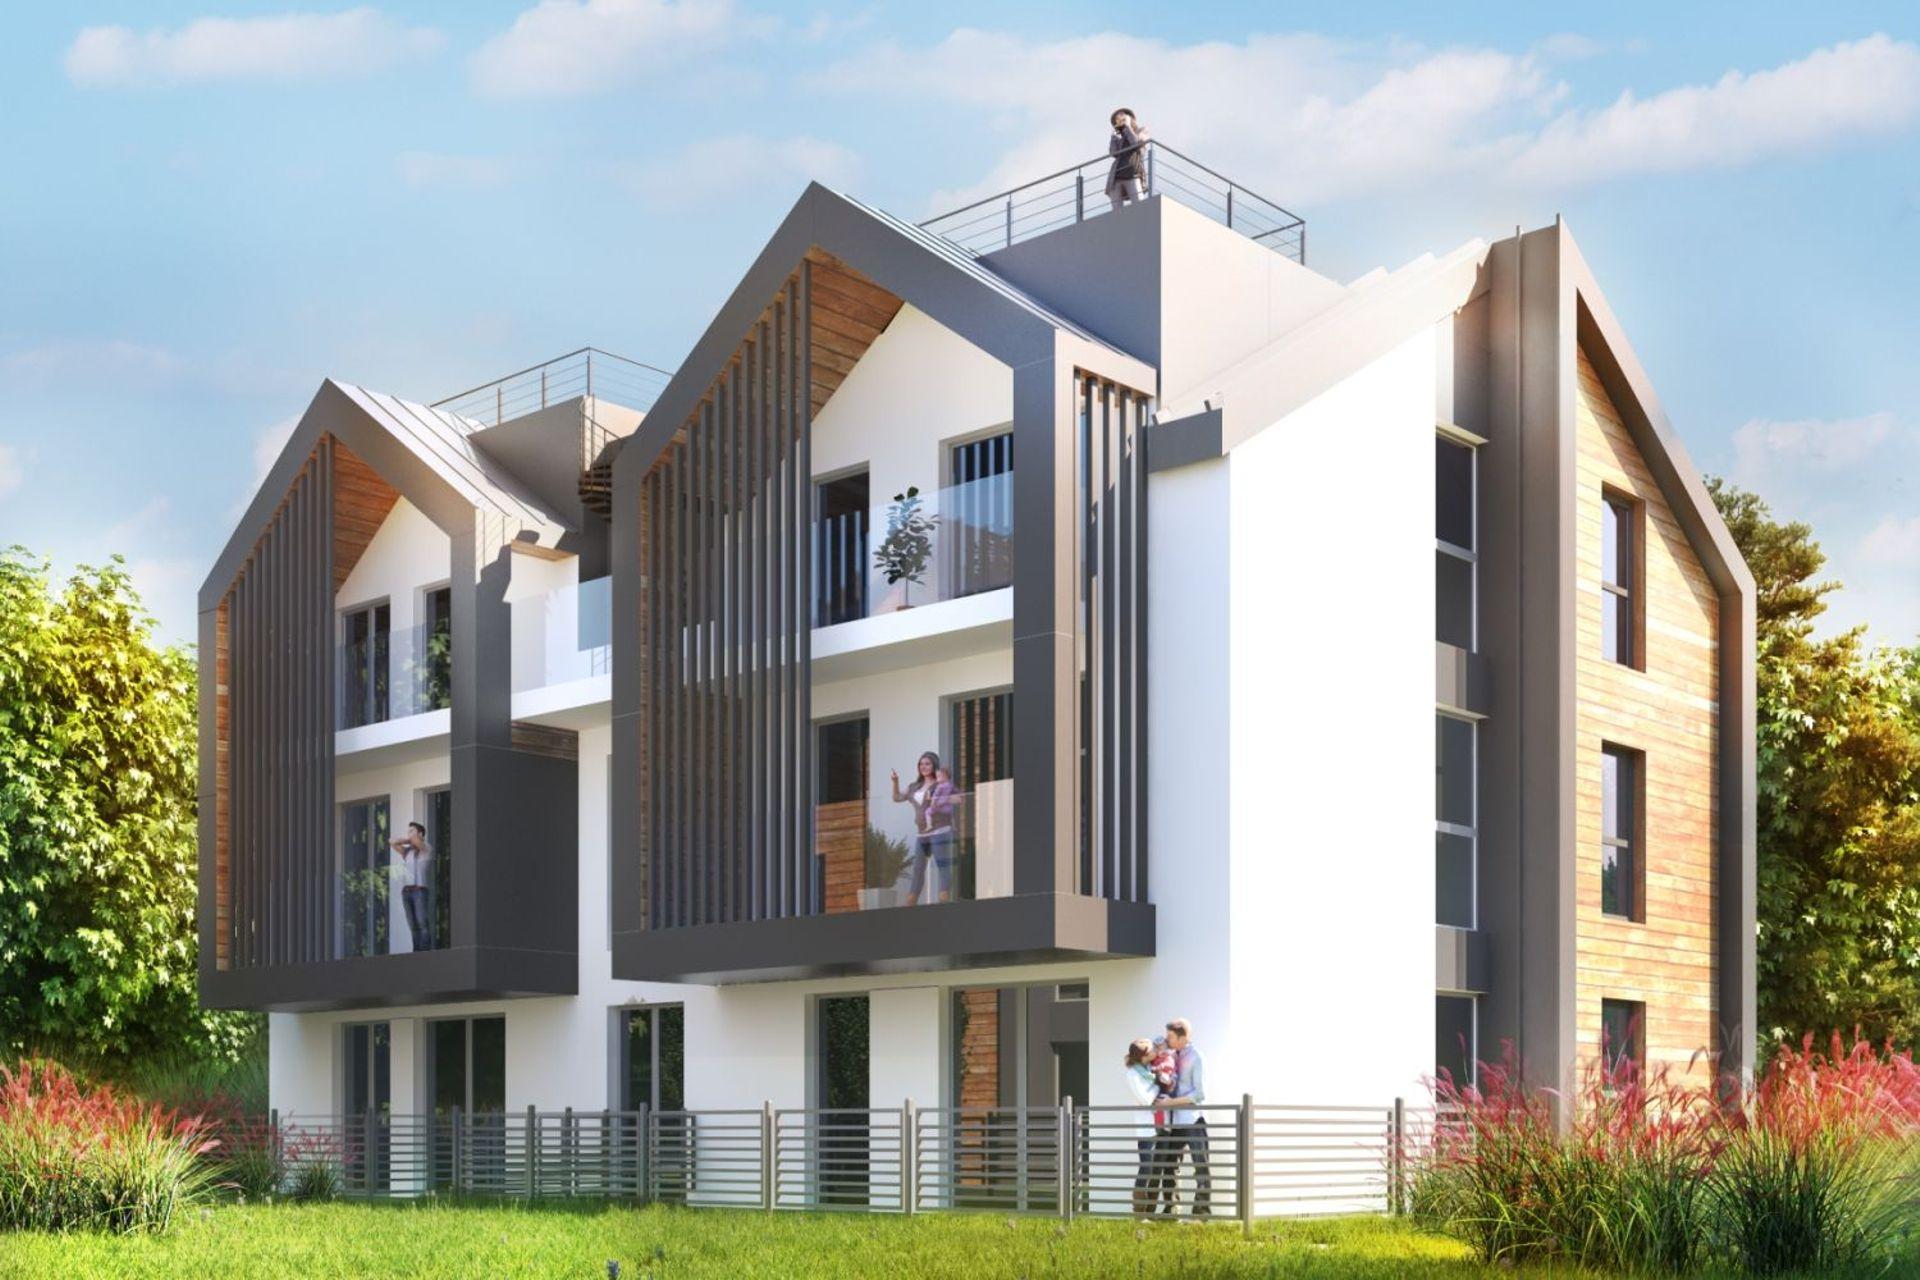 [Gdańsk] Inteligentne mieszkania powstają na osiedlu Młoda Morena Park II w Gdańsku